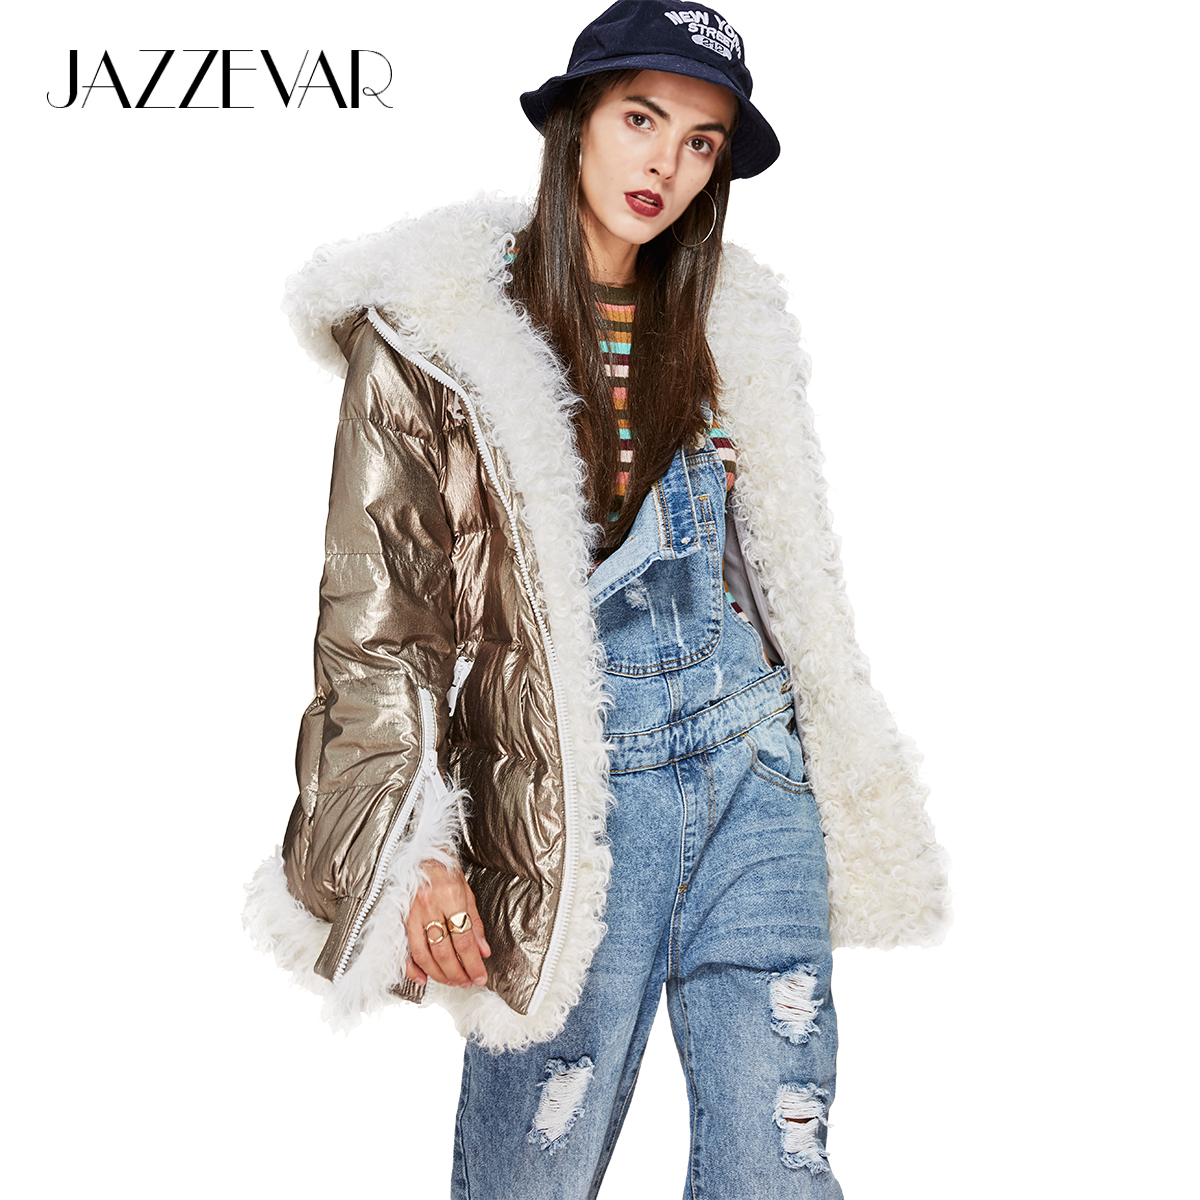 JAZZEVAR 2019 nouvelle mode d'hiver à la mode des femmes conceptions futuristes Edgy argent doudoune luxueux agneau fourrure à capuche manteau parka